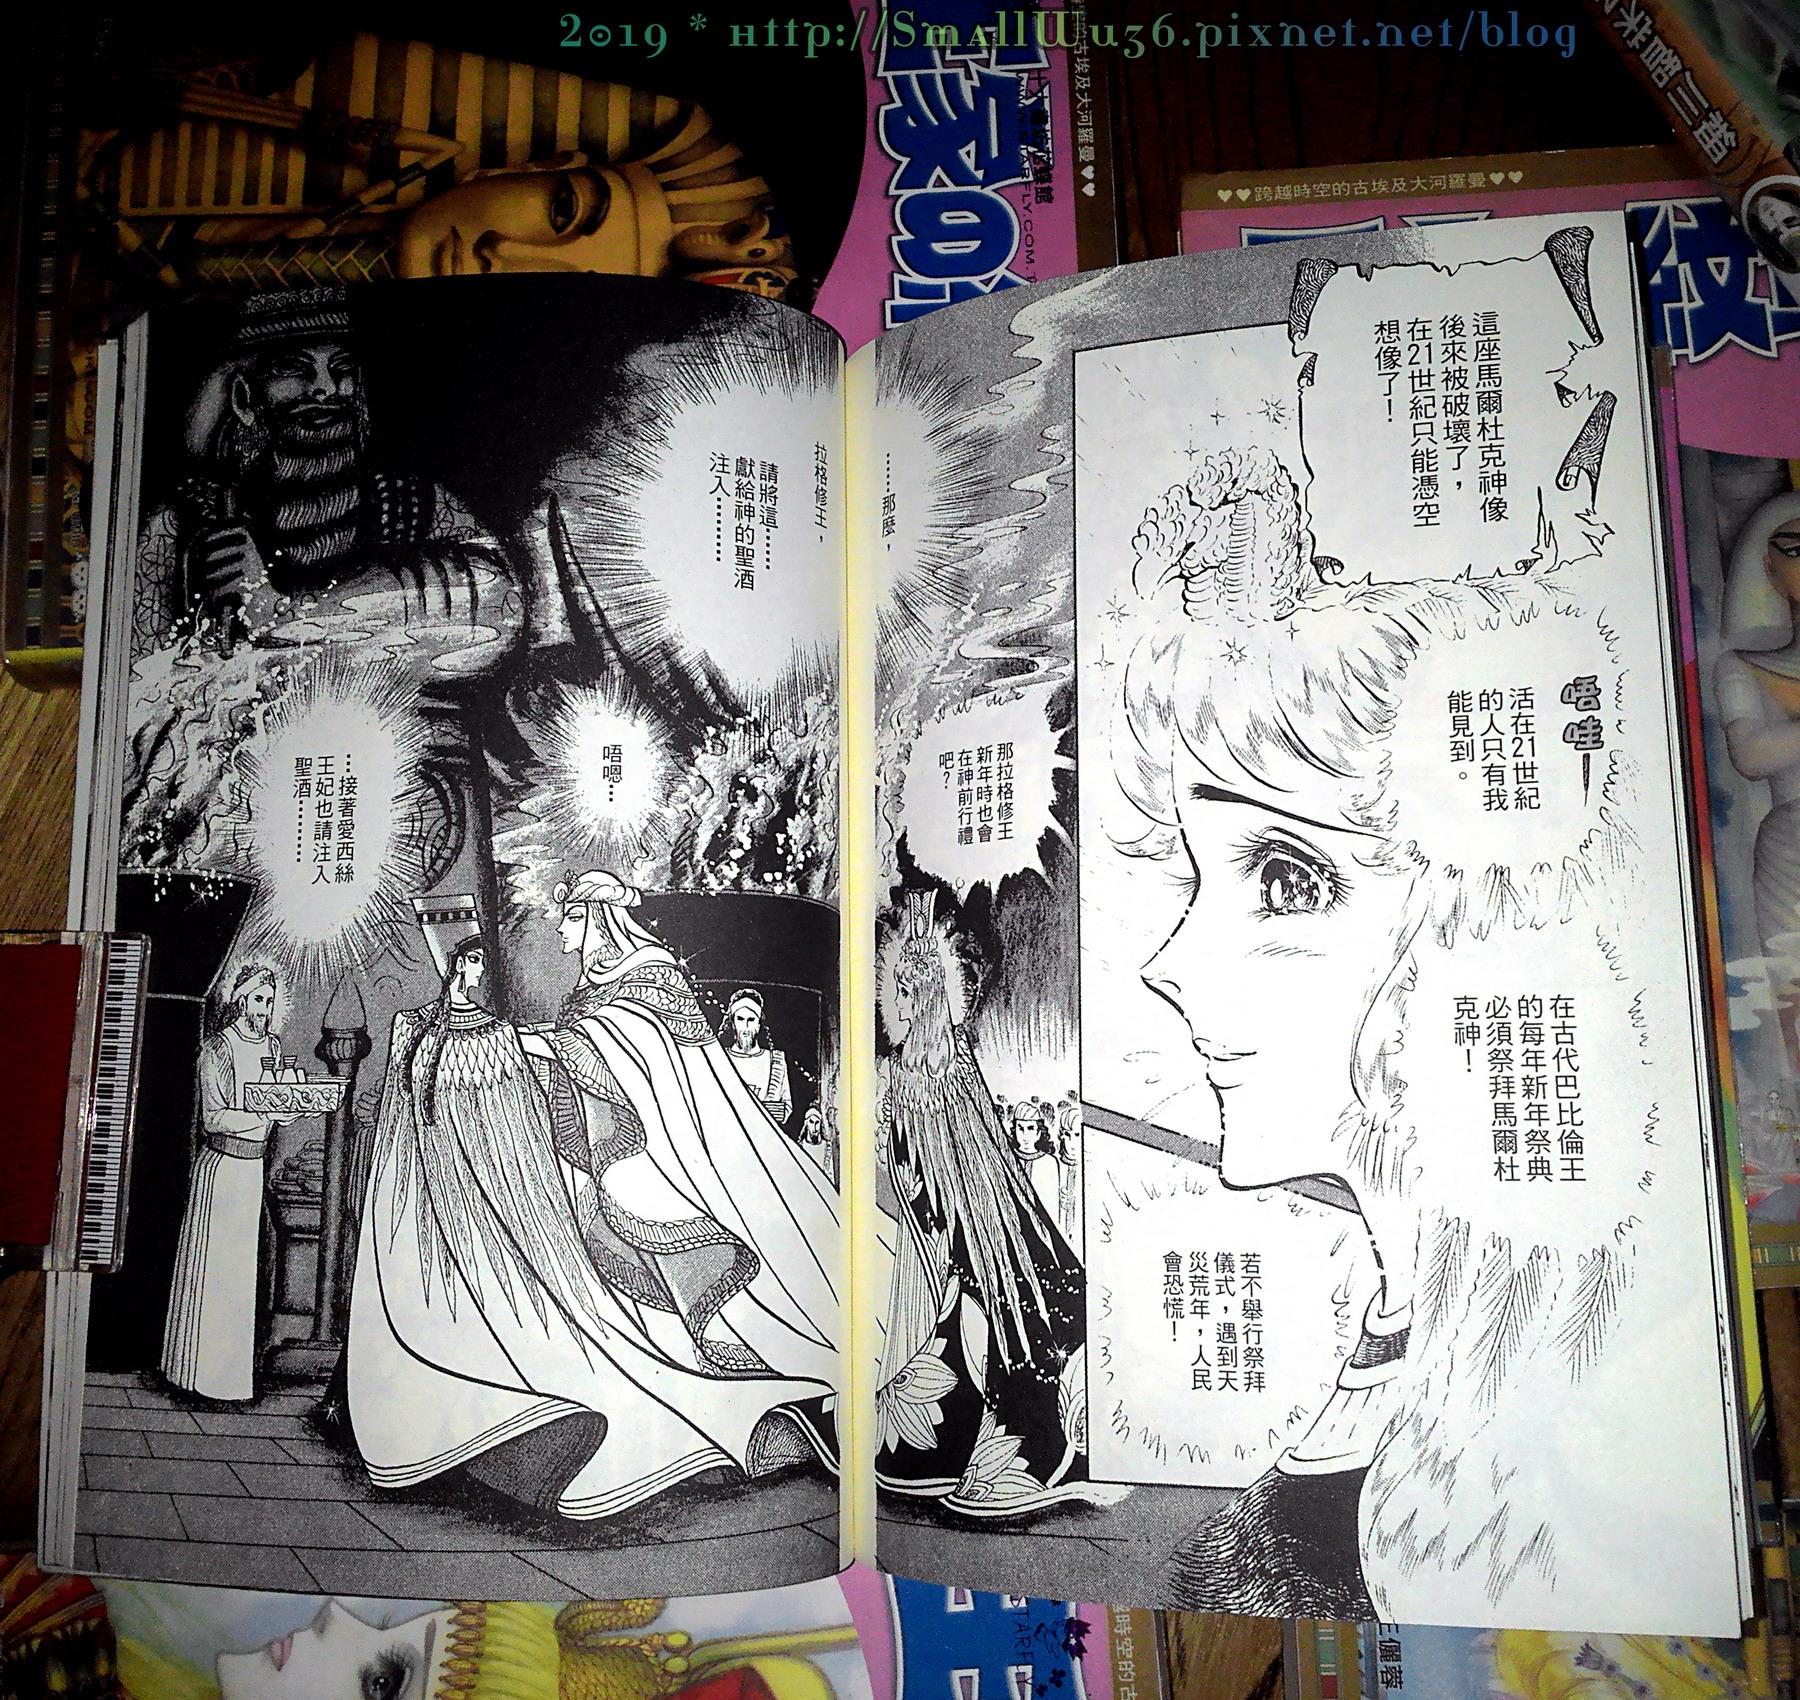 細川智榮子-王家的紋章(尼羅河女兒) 4-24 (長鴻)  vol_14.jpg